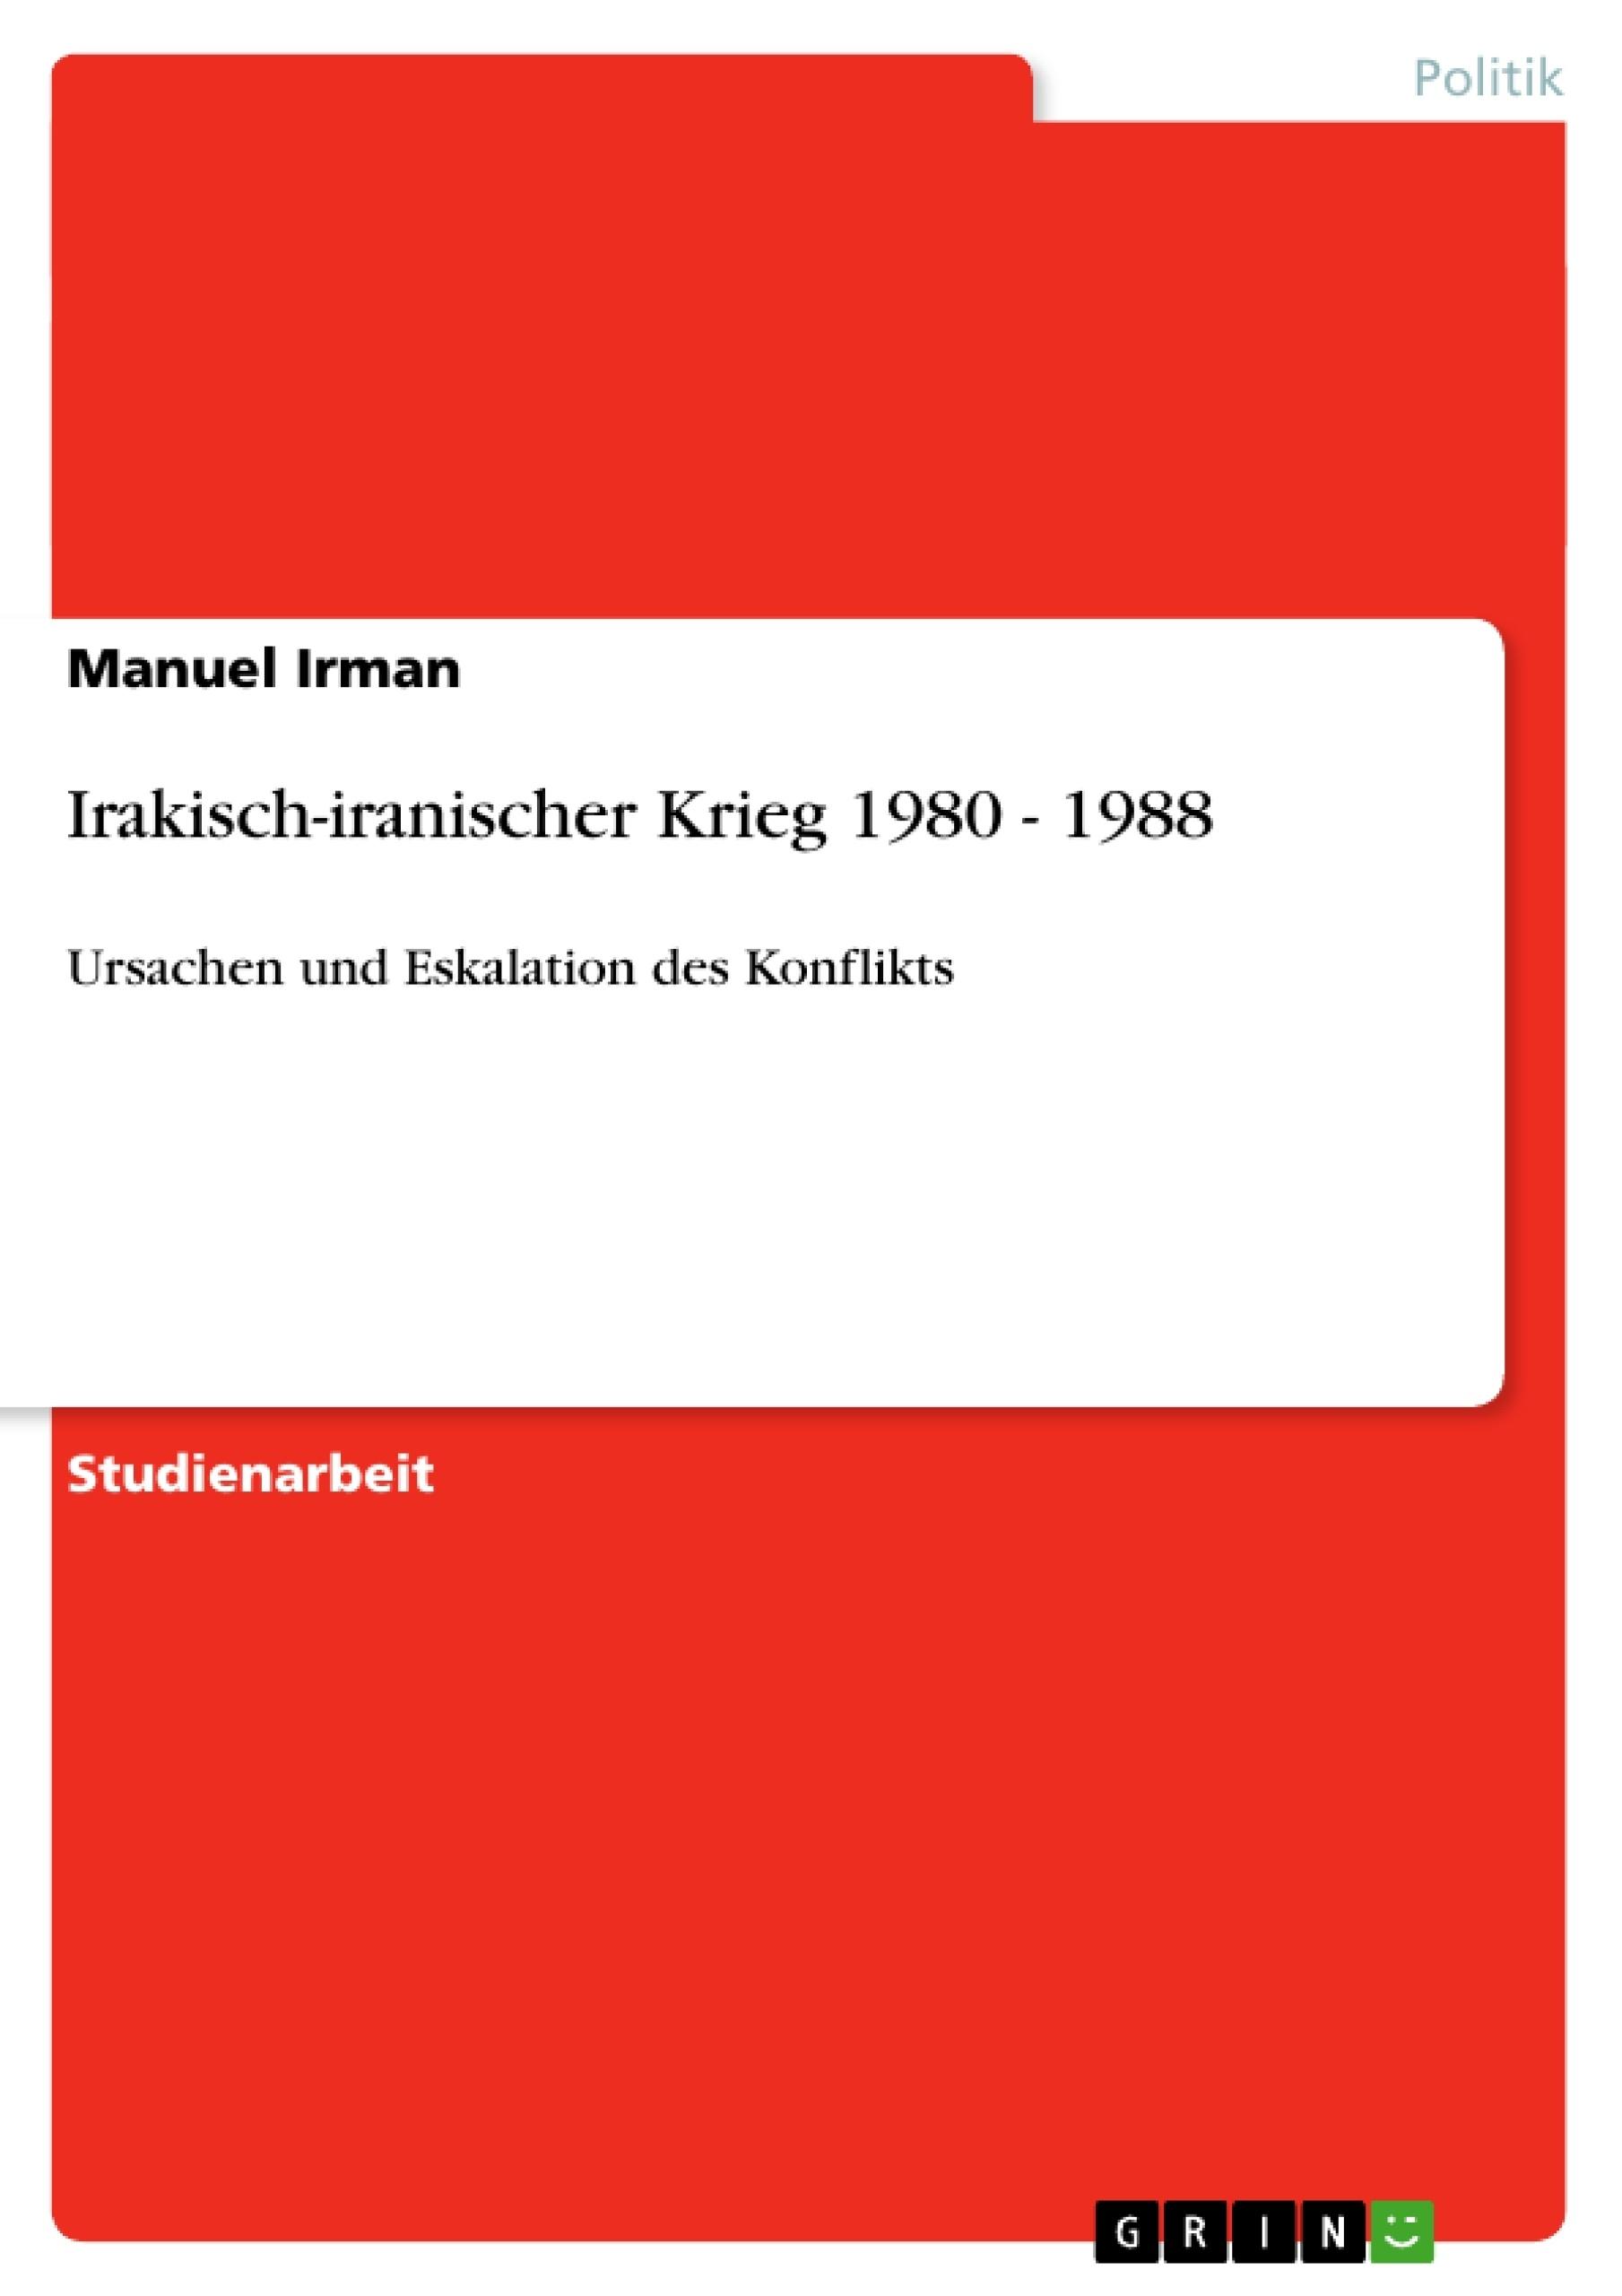 Titel: Irakisch-iranischer Krieg 1980 - 1988